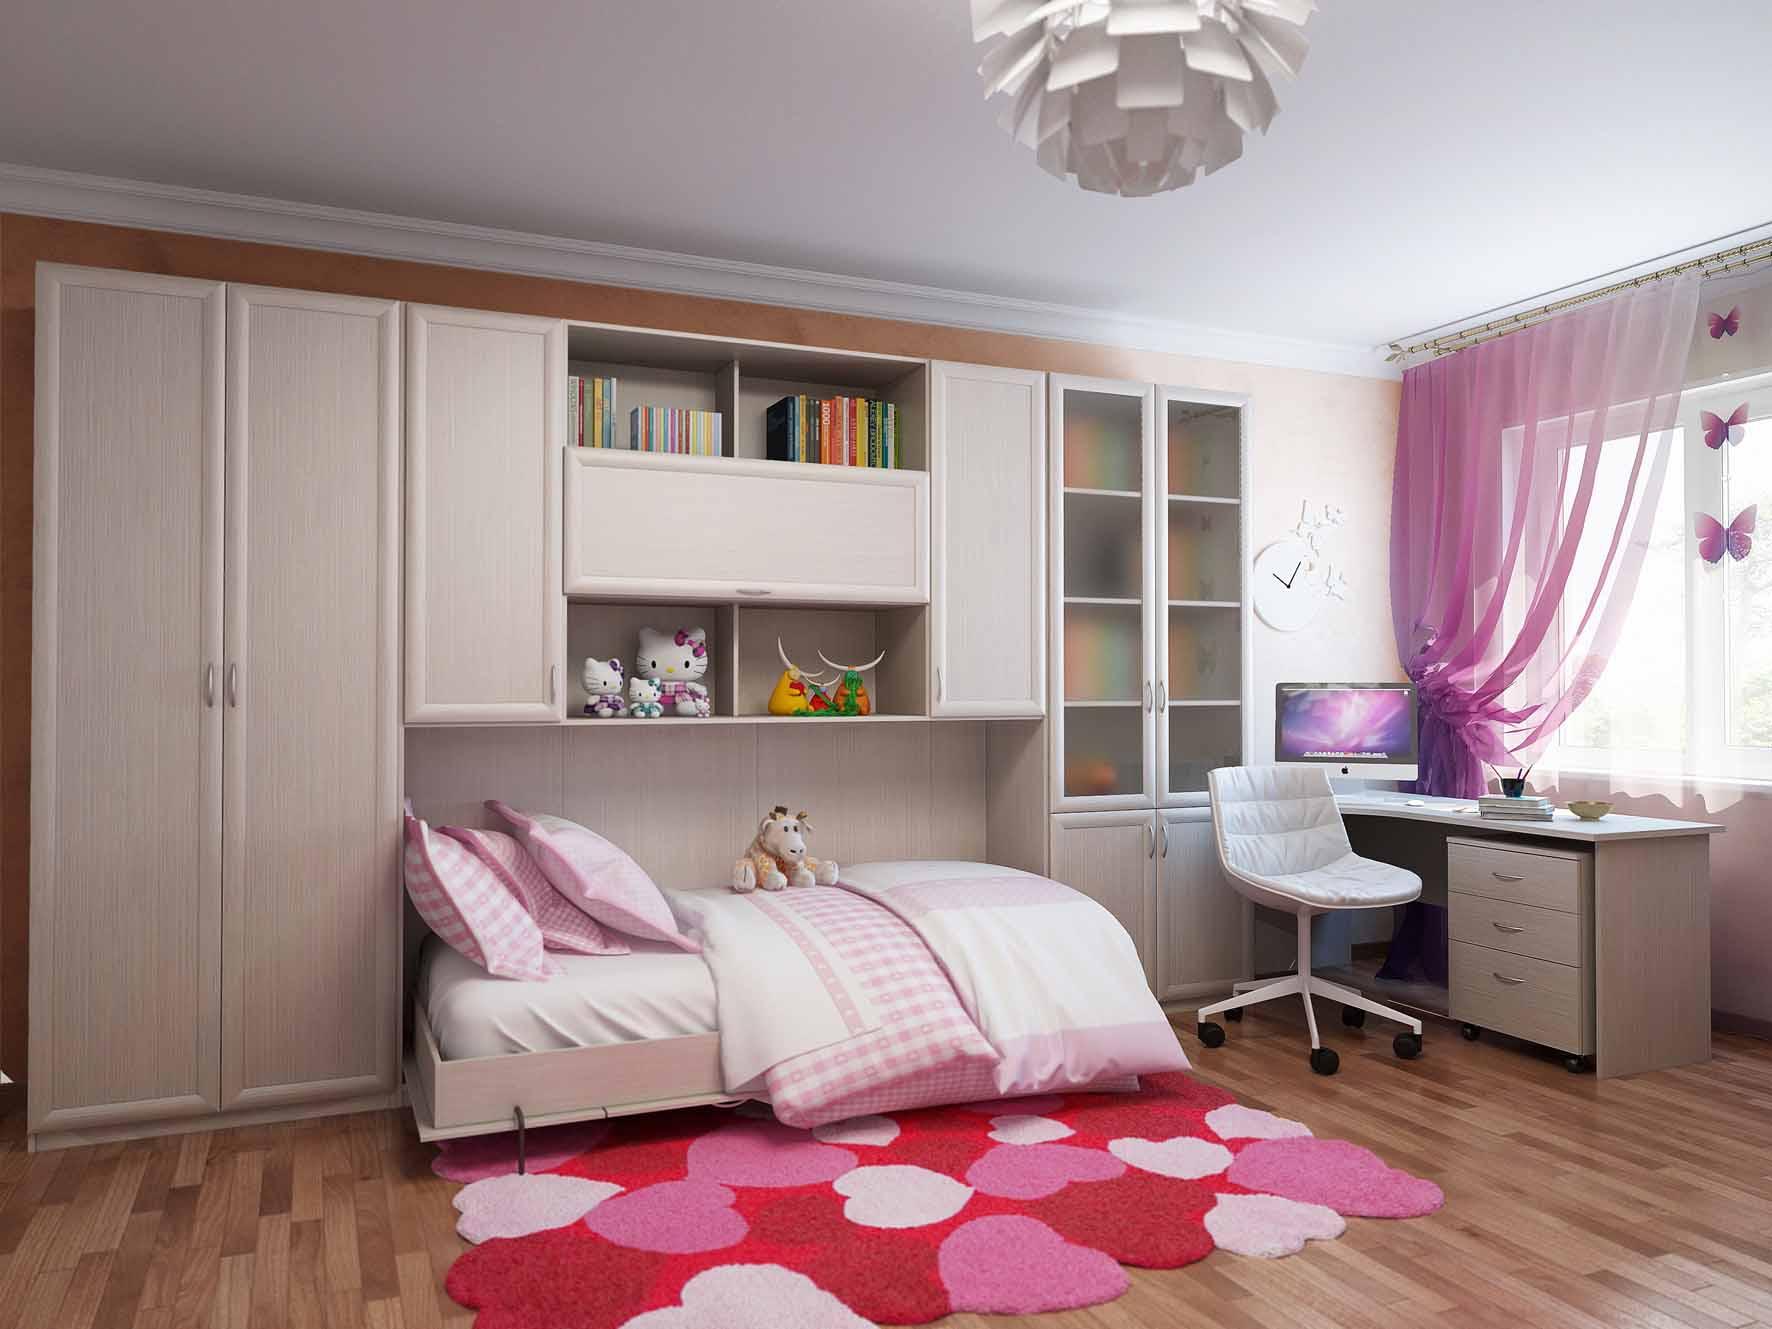 Встроенная кровать в шкаф в современном интерьере.